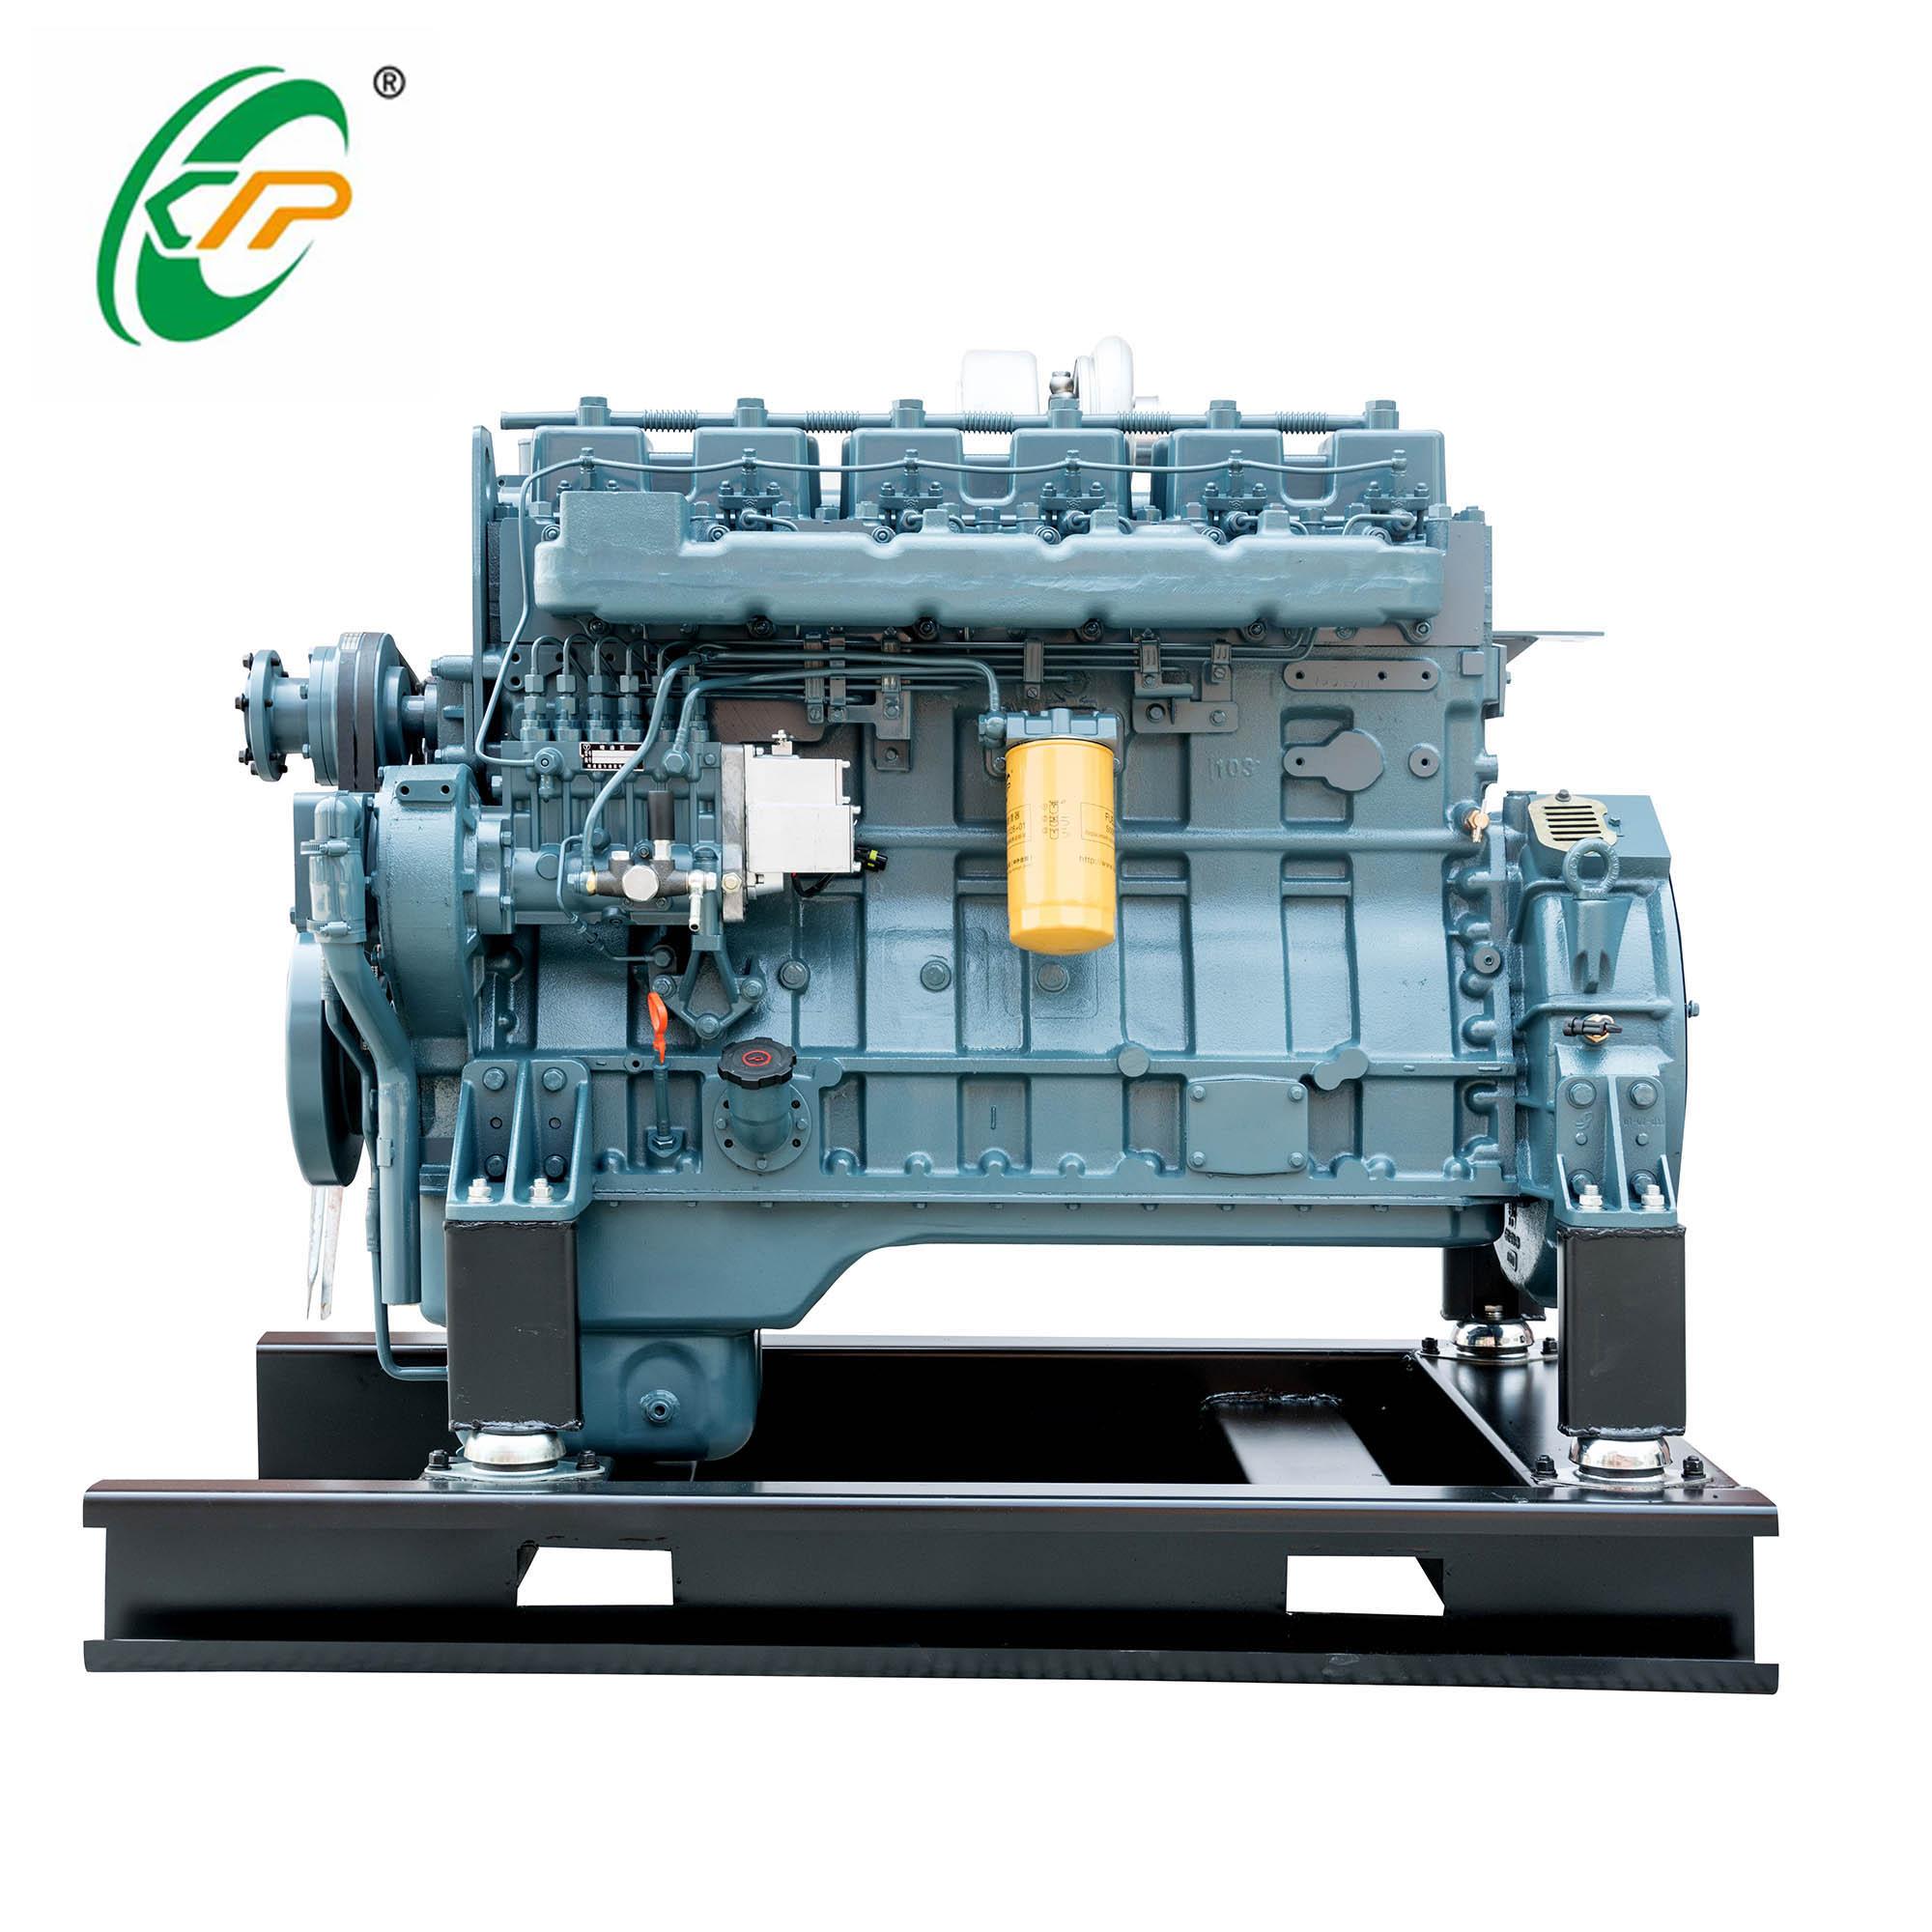 福建卡特柴油发动机